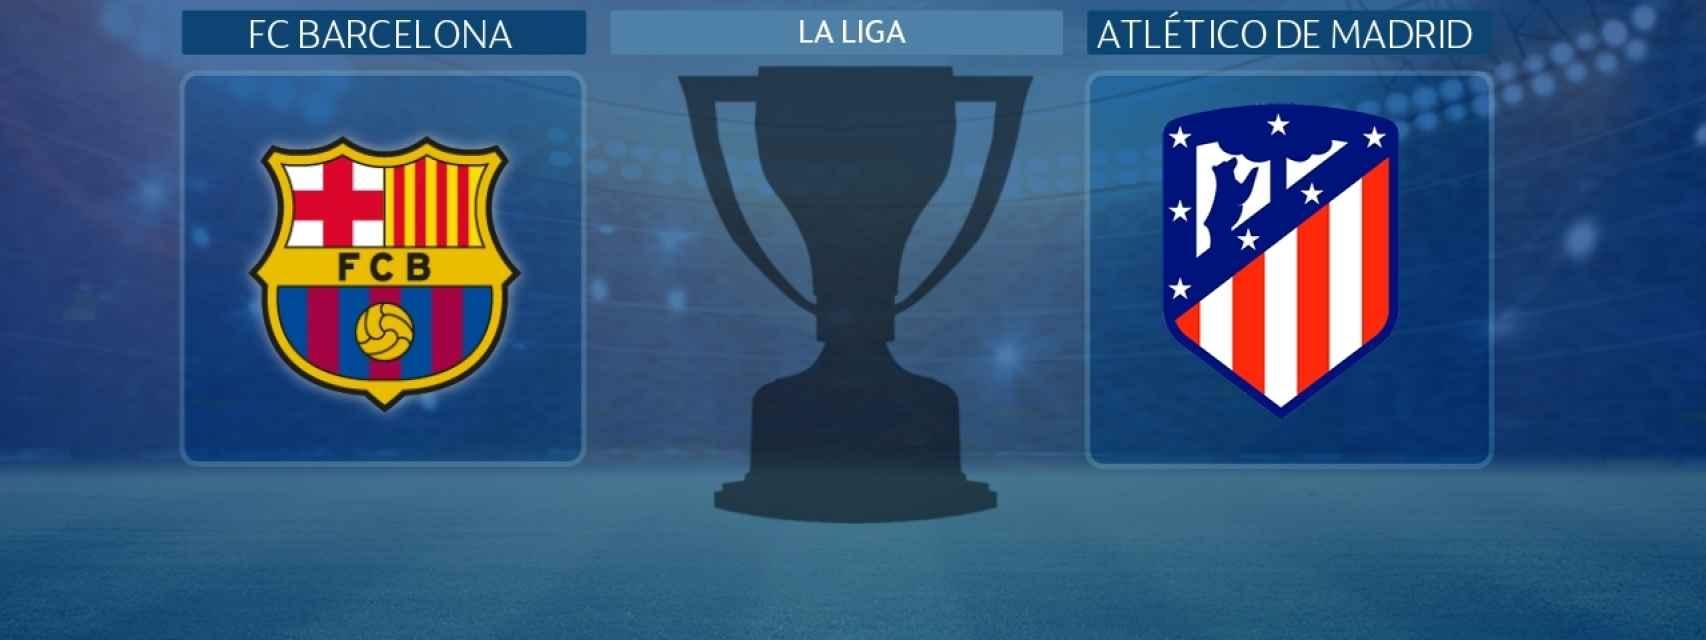 FC Barcelona - Atlético de Madrid, partido de La Liga